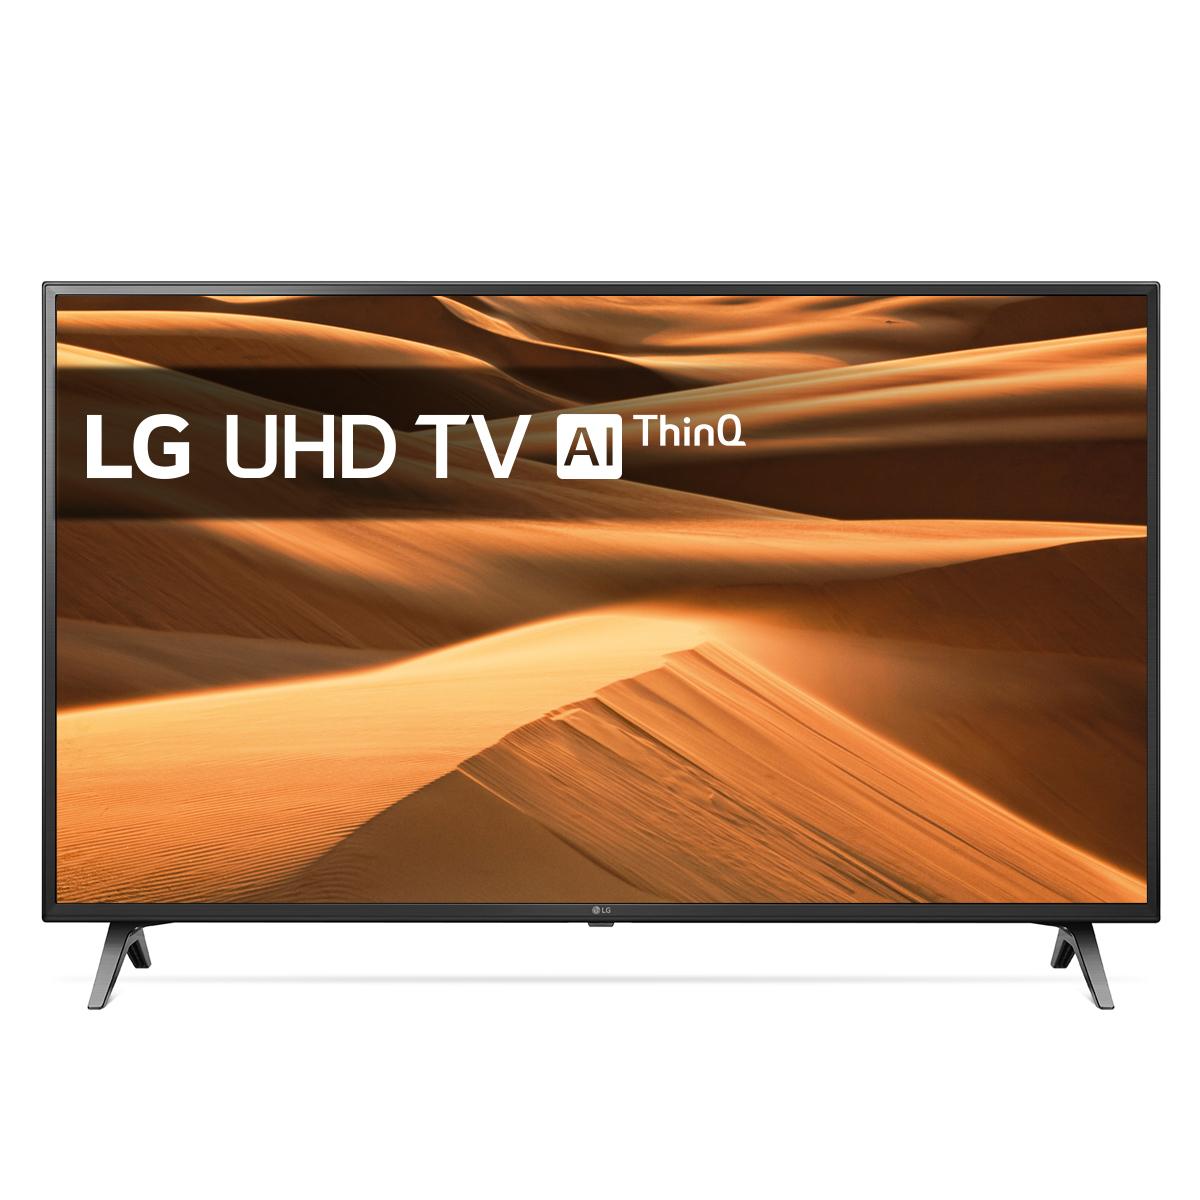 LG LCD 55UM7100 UHD HDR SMART#